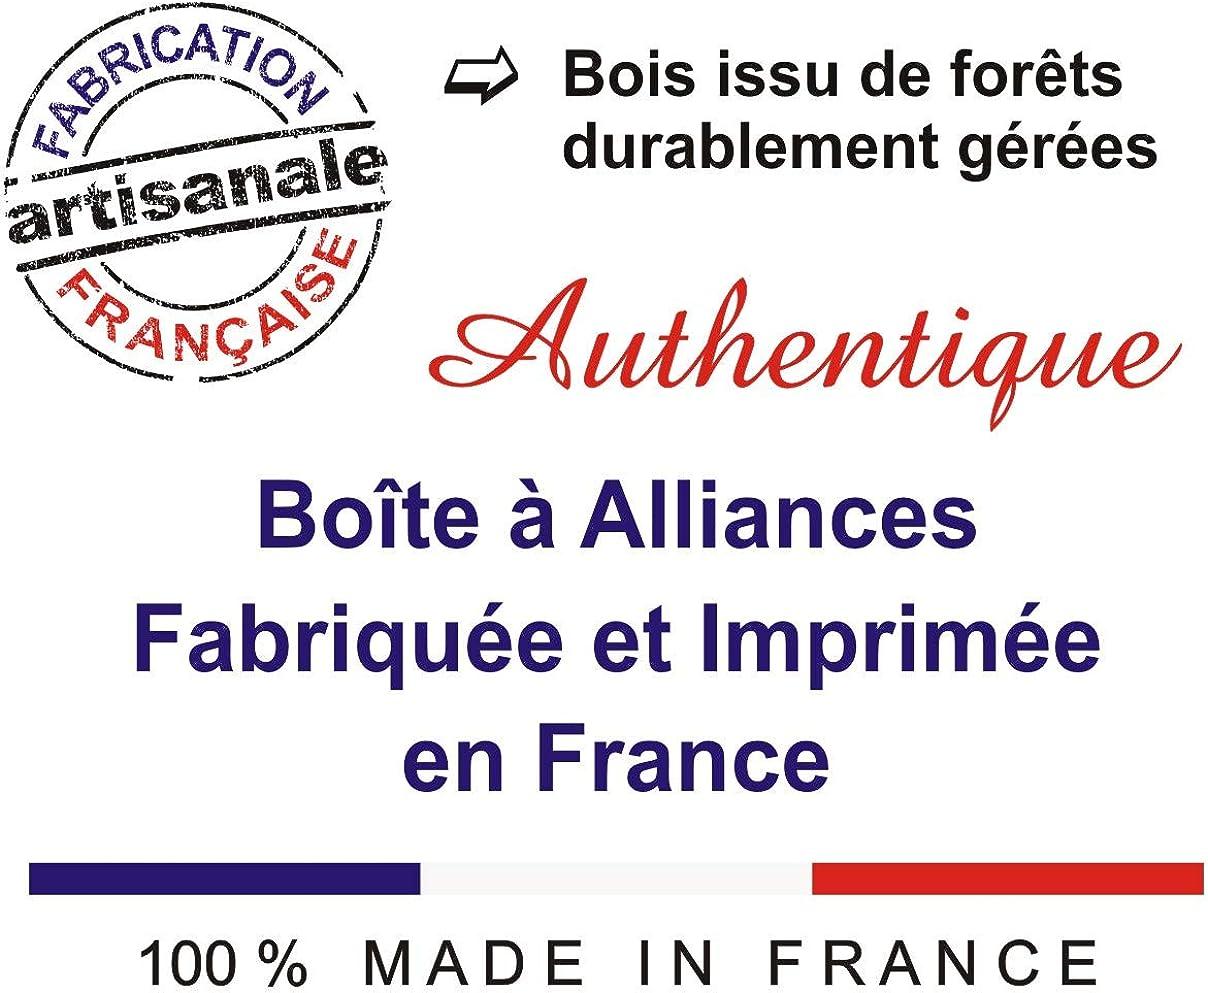 Alliance de Mariage ou Bague de fian/çailles Boite /à Alliances personnalis/ée en Bois Personnalisation de la Bo/îte avec les initiales des Mari/és